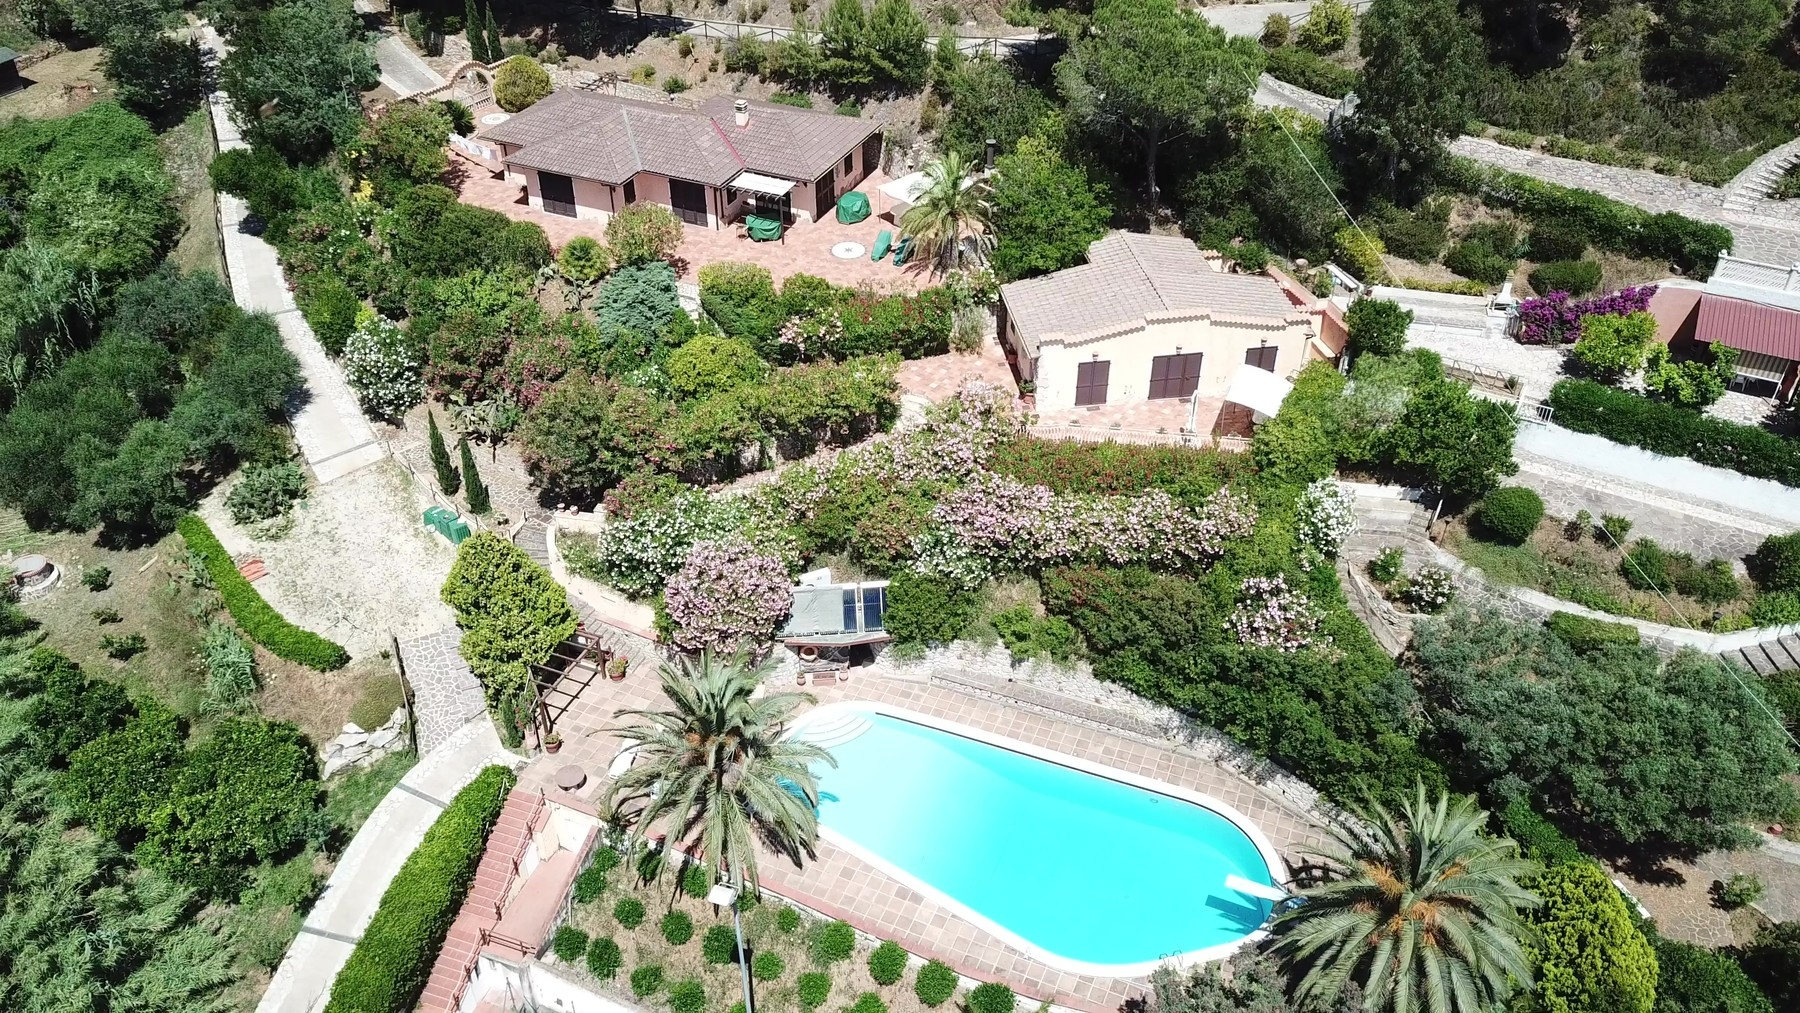 Villa in Vendita a Capoliveri: 5 locali, 290 mq